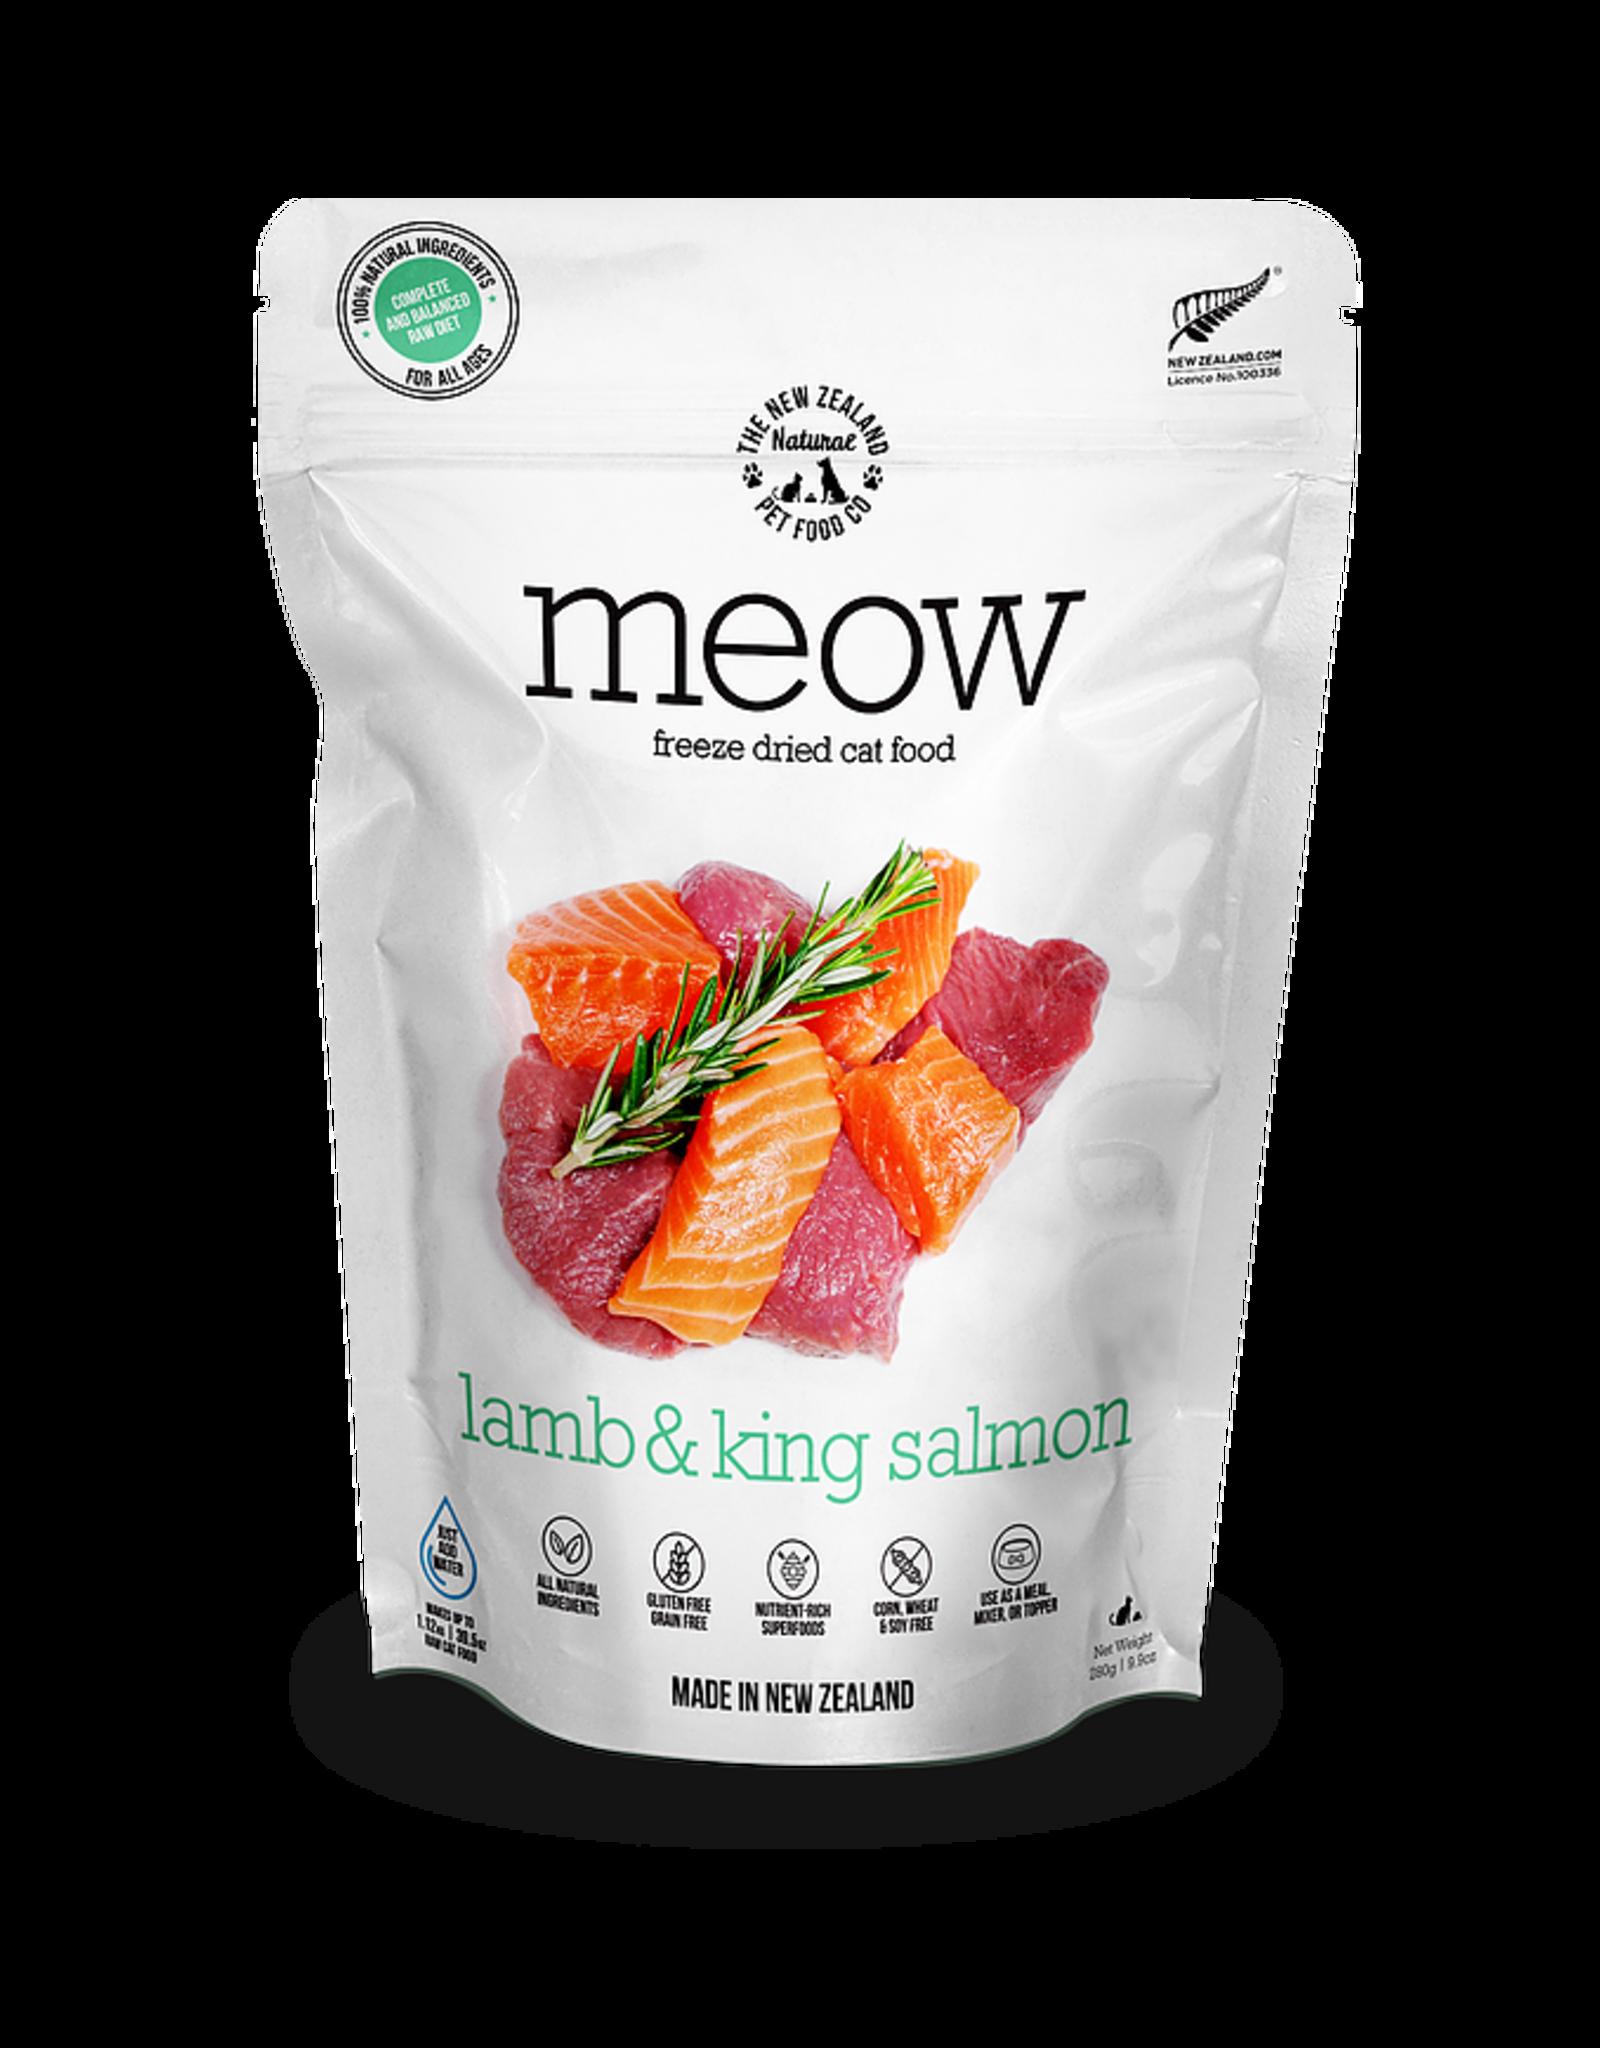 New Zealand Pet Food Co. NewZealand PetFoodCo - MEOW Lamb & Salmon 50g